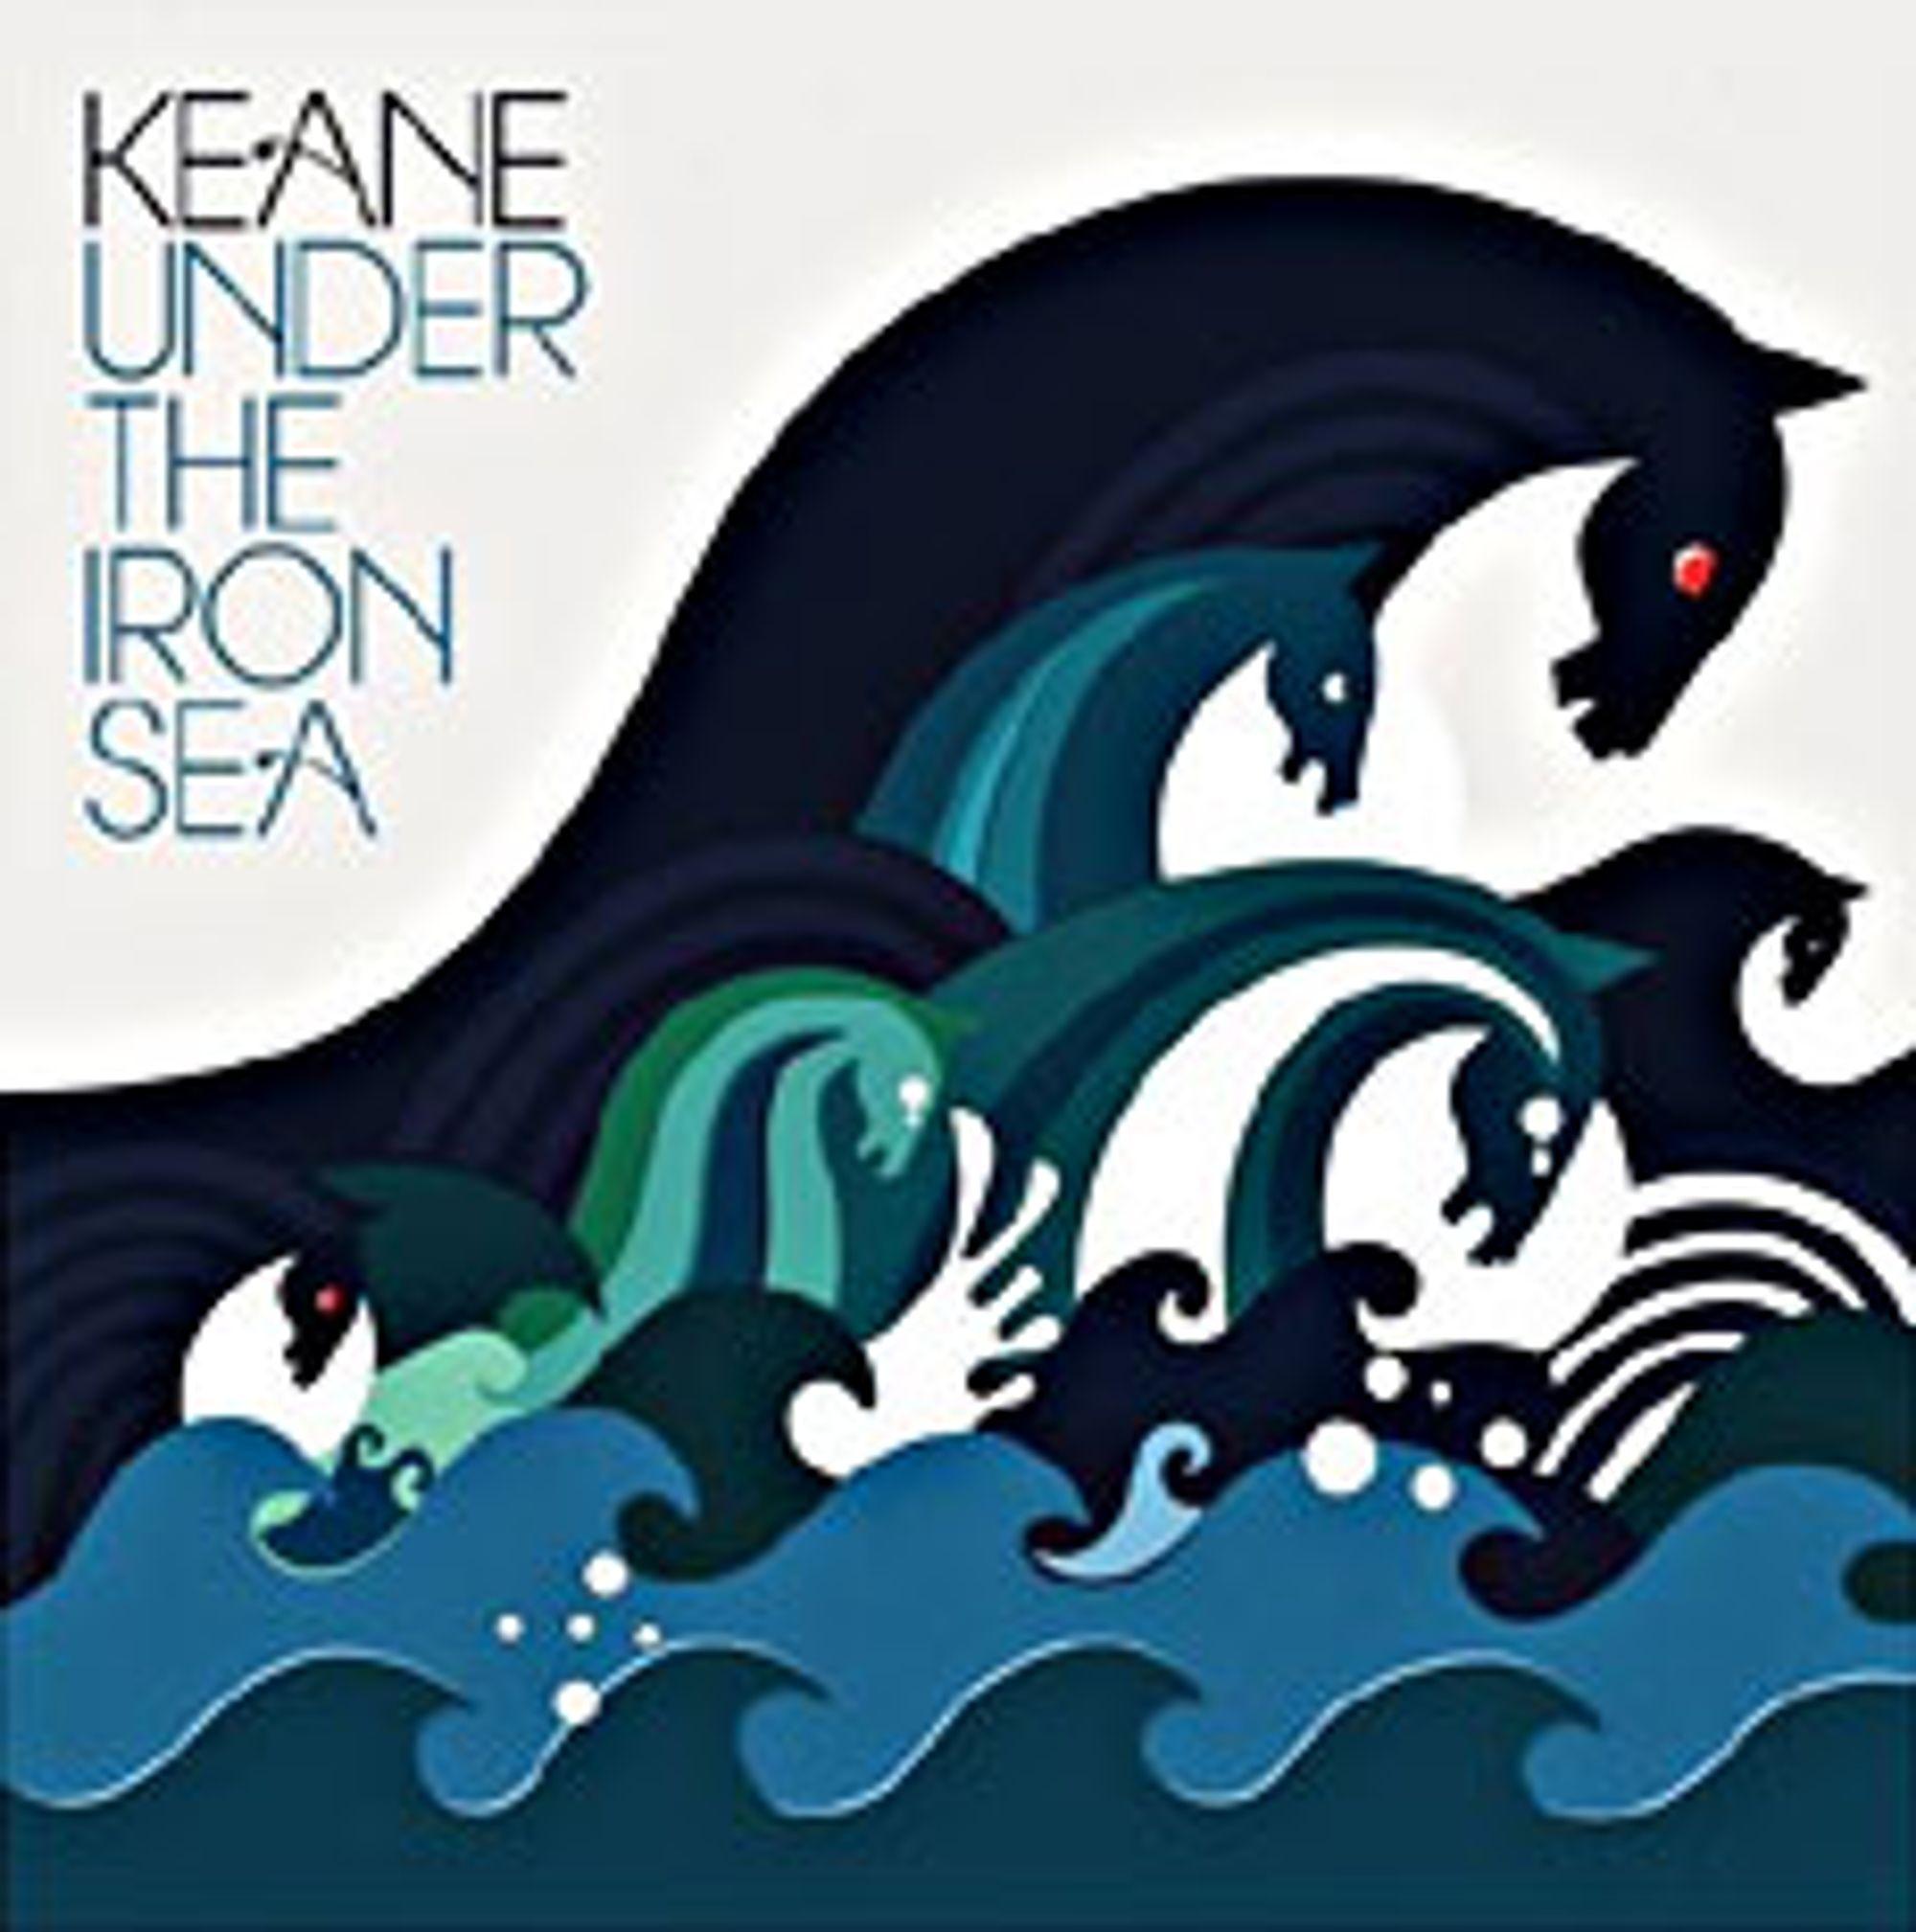 Med singelen Under The Iron Sea fikk albumet med samme navn nesten like stor suksess som debuten.